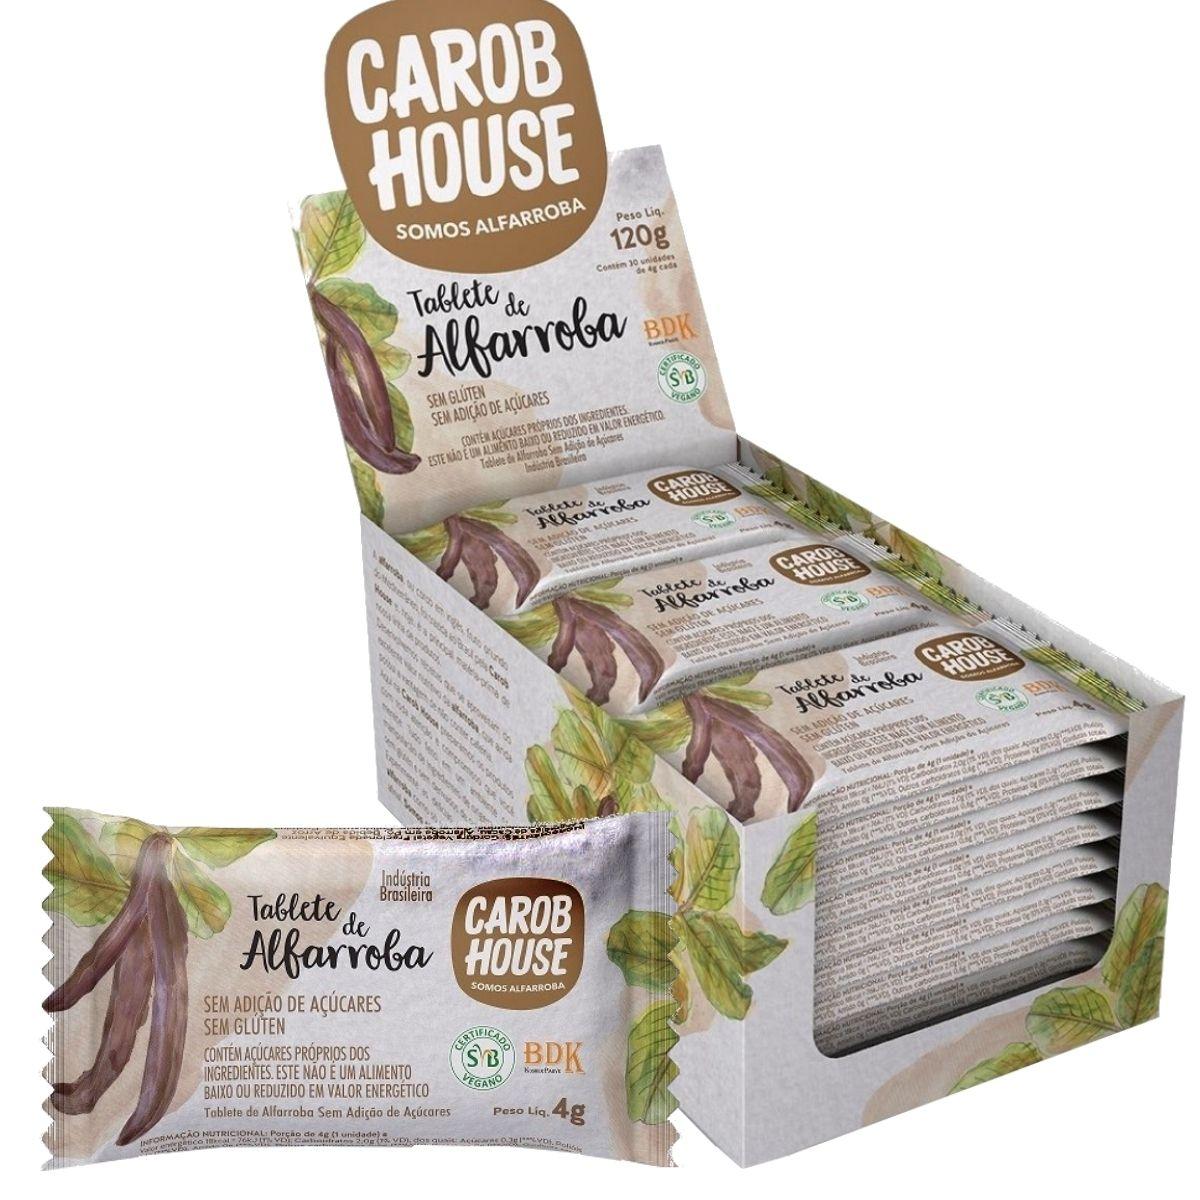 Alfarroba Em Tablete 4g Caixa C/ 30 Barras - Carob House